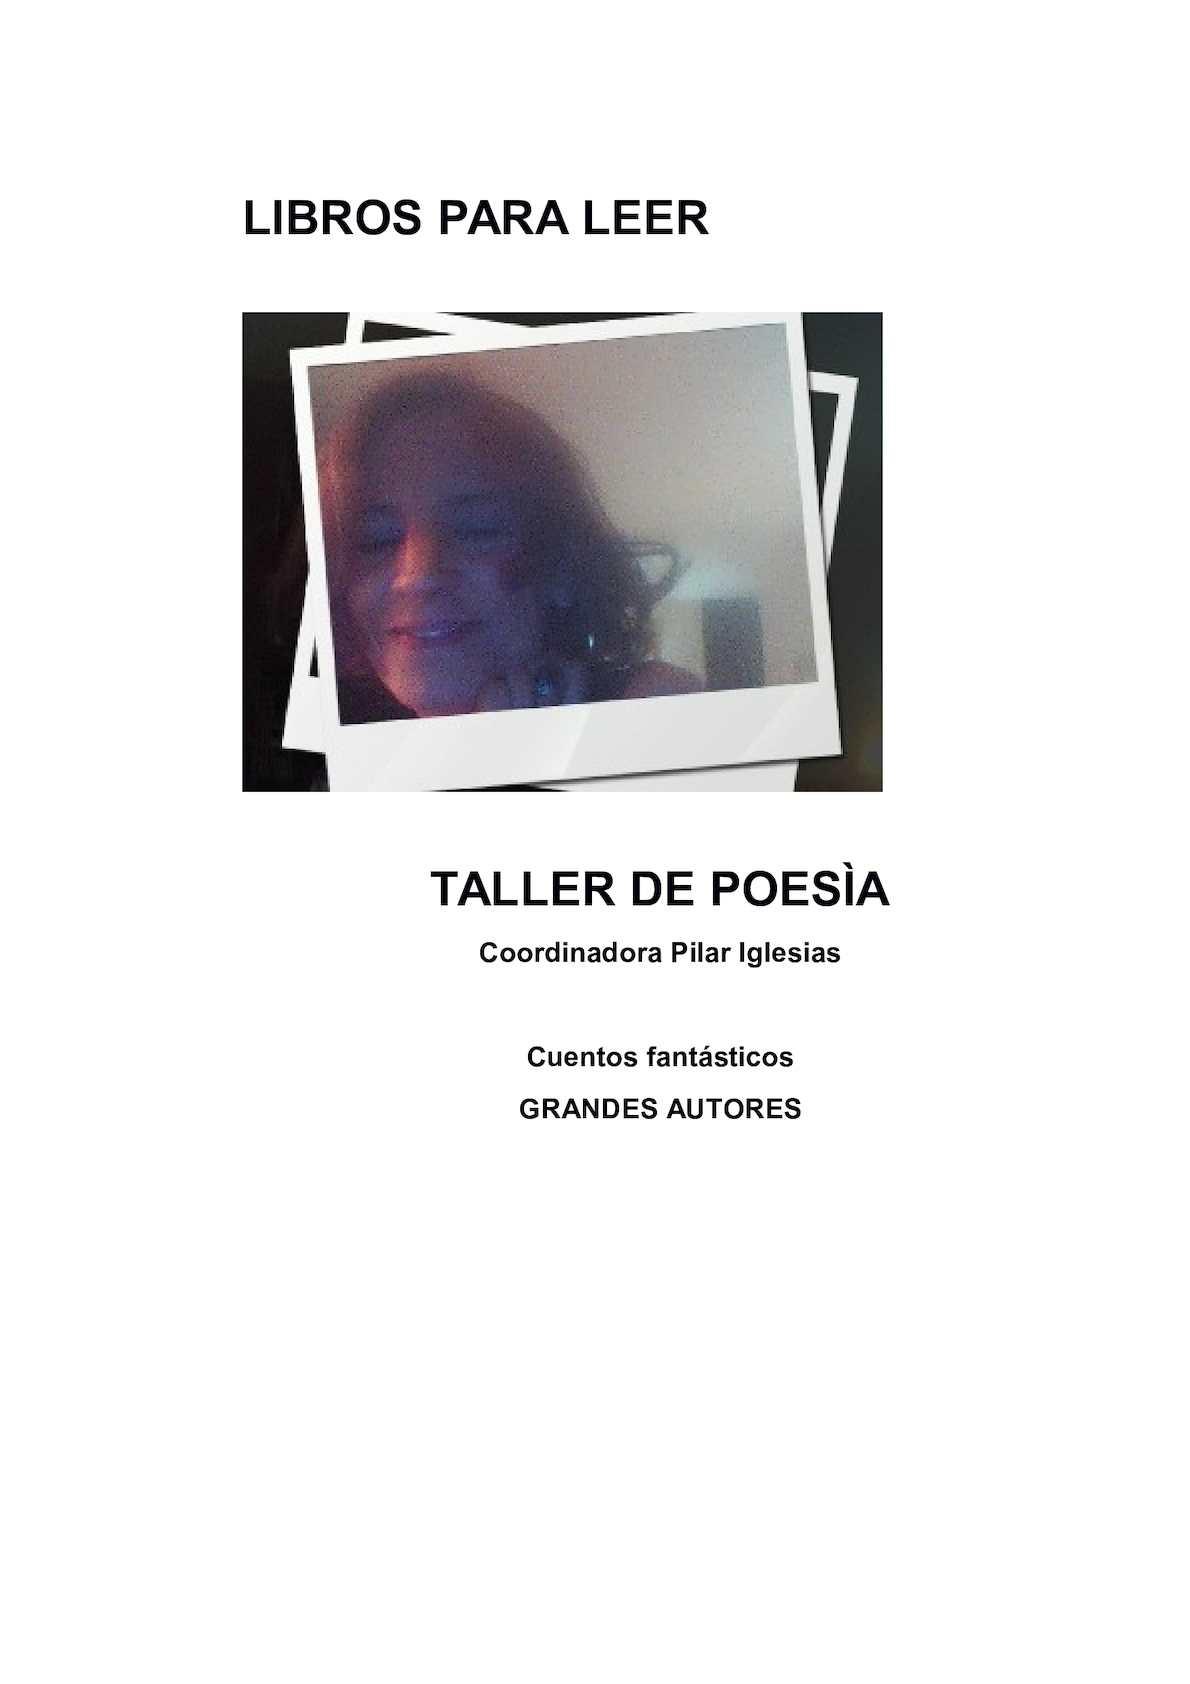 Calaméo - Cuentos Fantasticos Grandes Autores b3314da0fdd